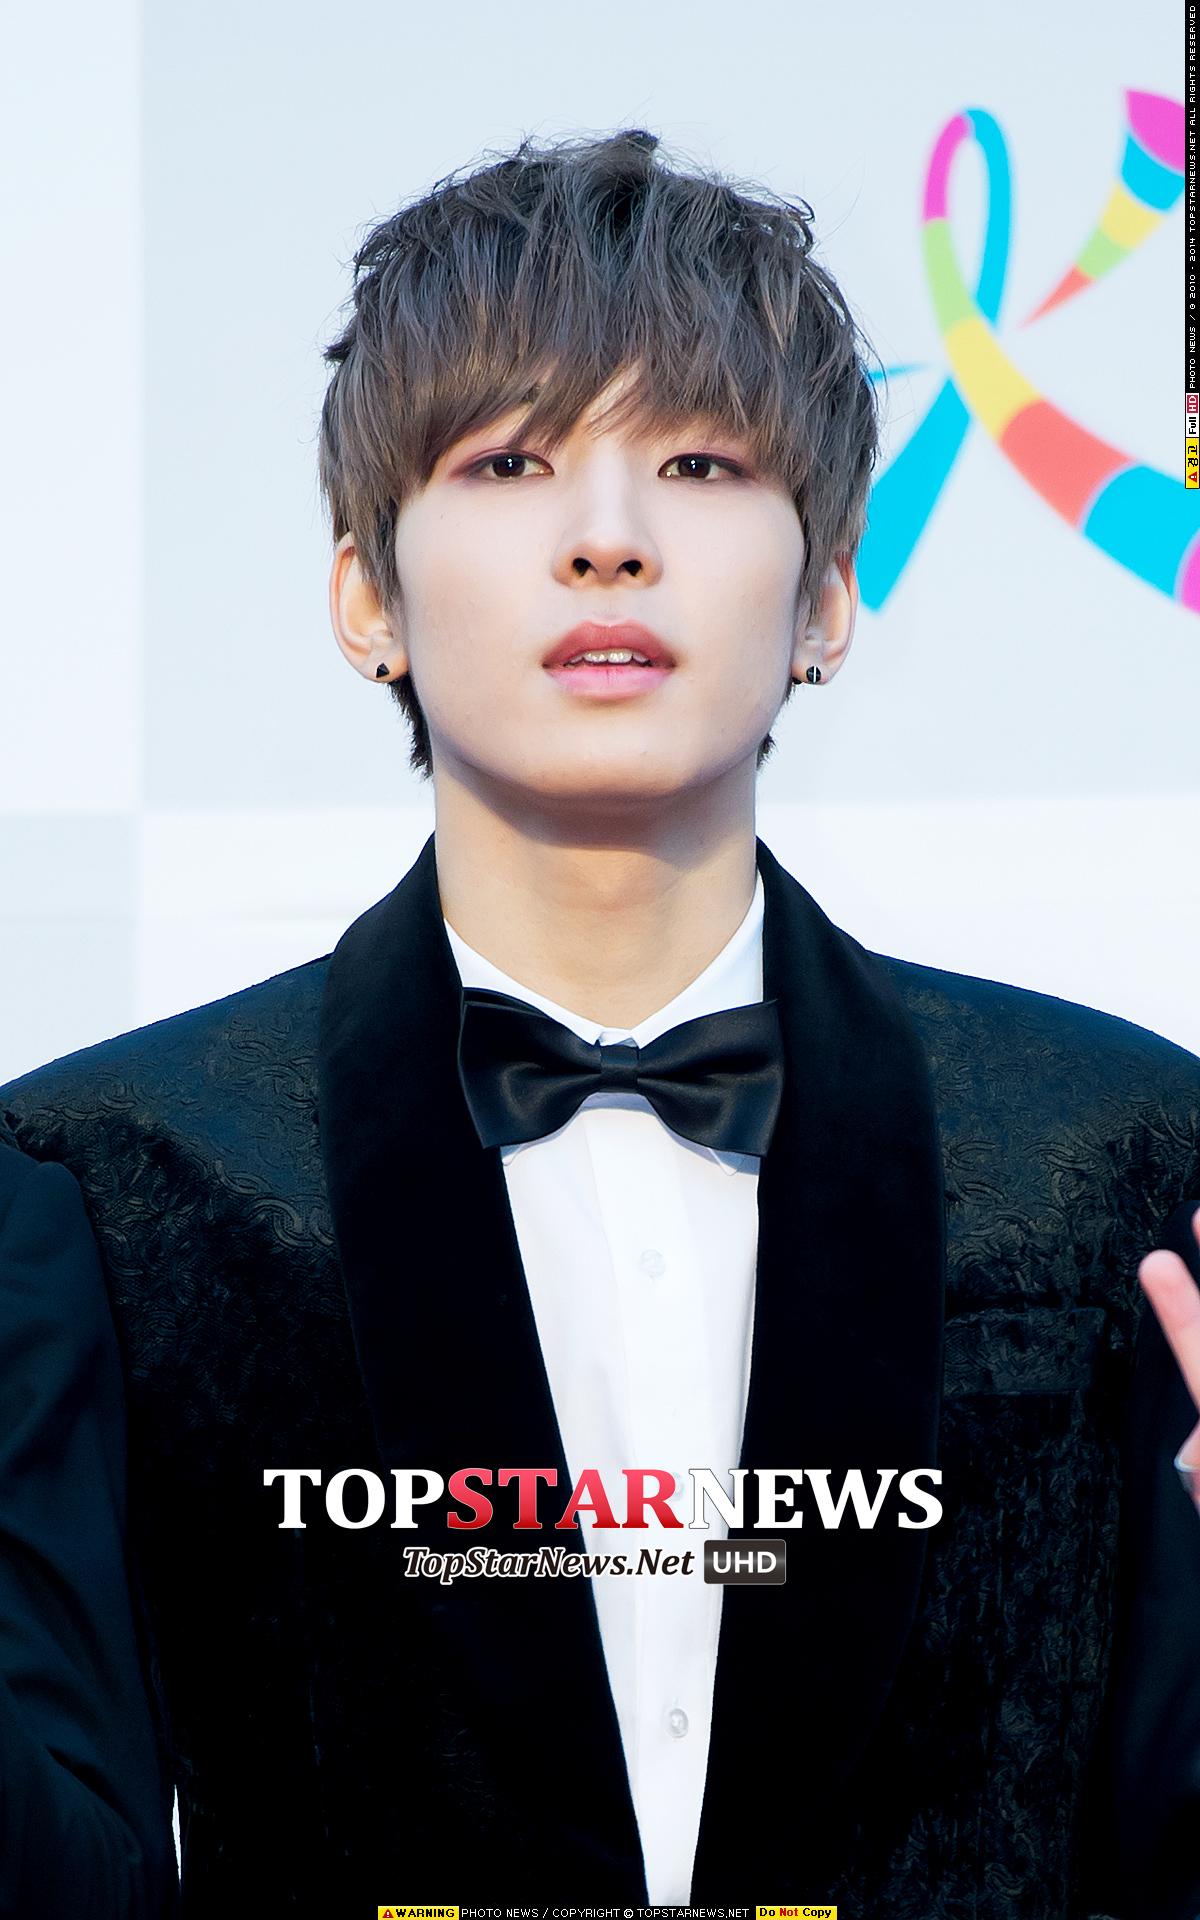 ♥ 9 號:SEVENTEEN Won Woo  「Won Woo 的新聞照總是很高冷。」、「雖然看起來很冷酷,但笑起來又很可愛,有著很有魅力的反差萌。」